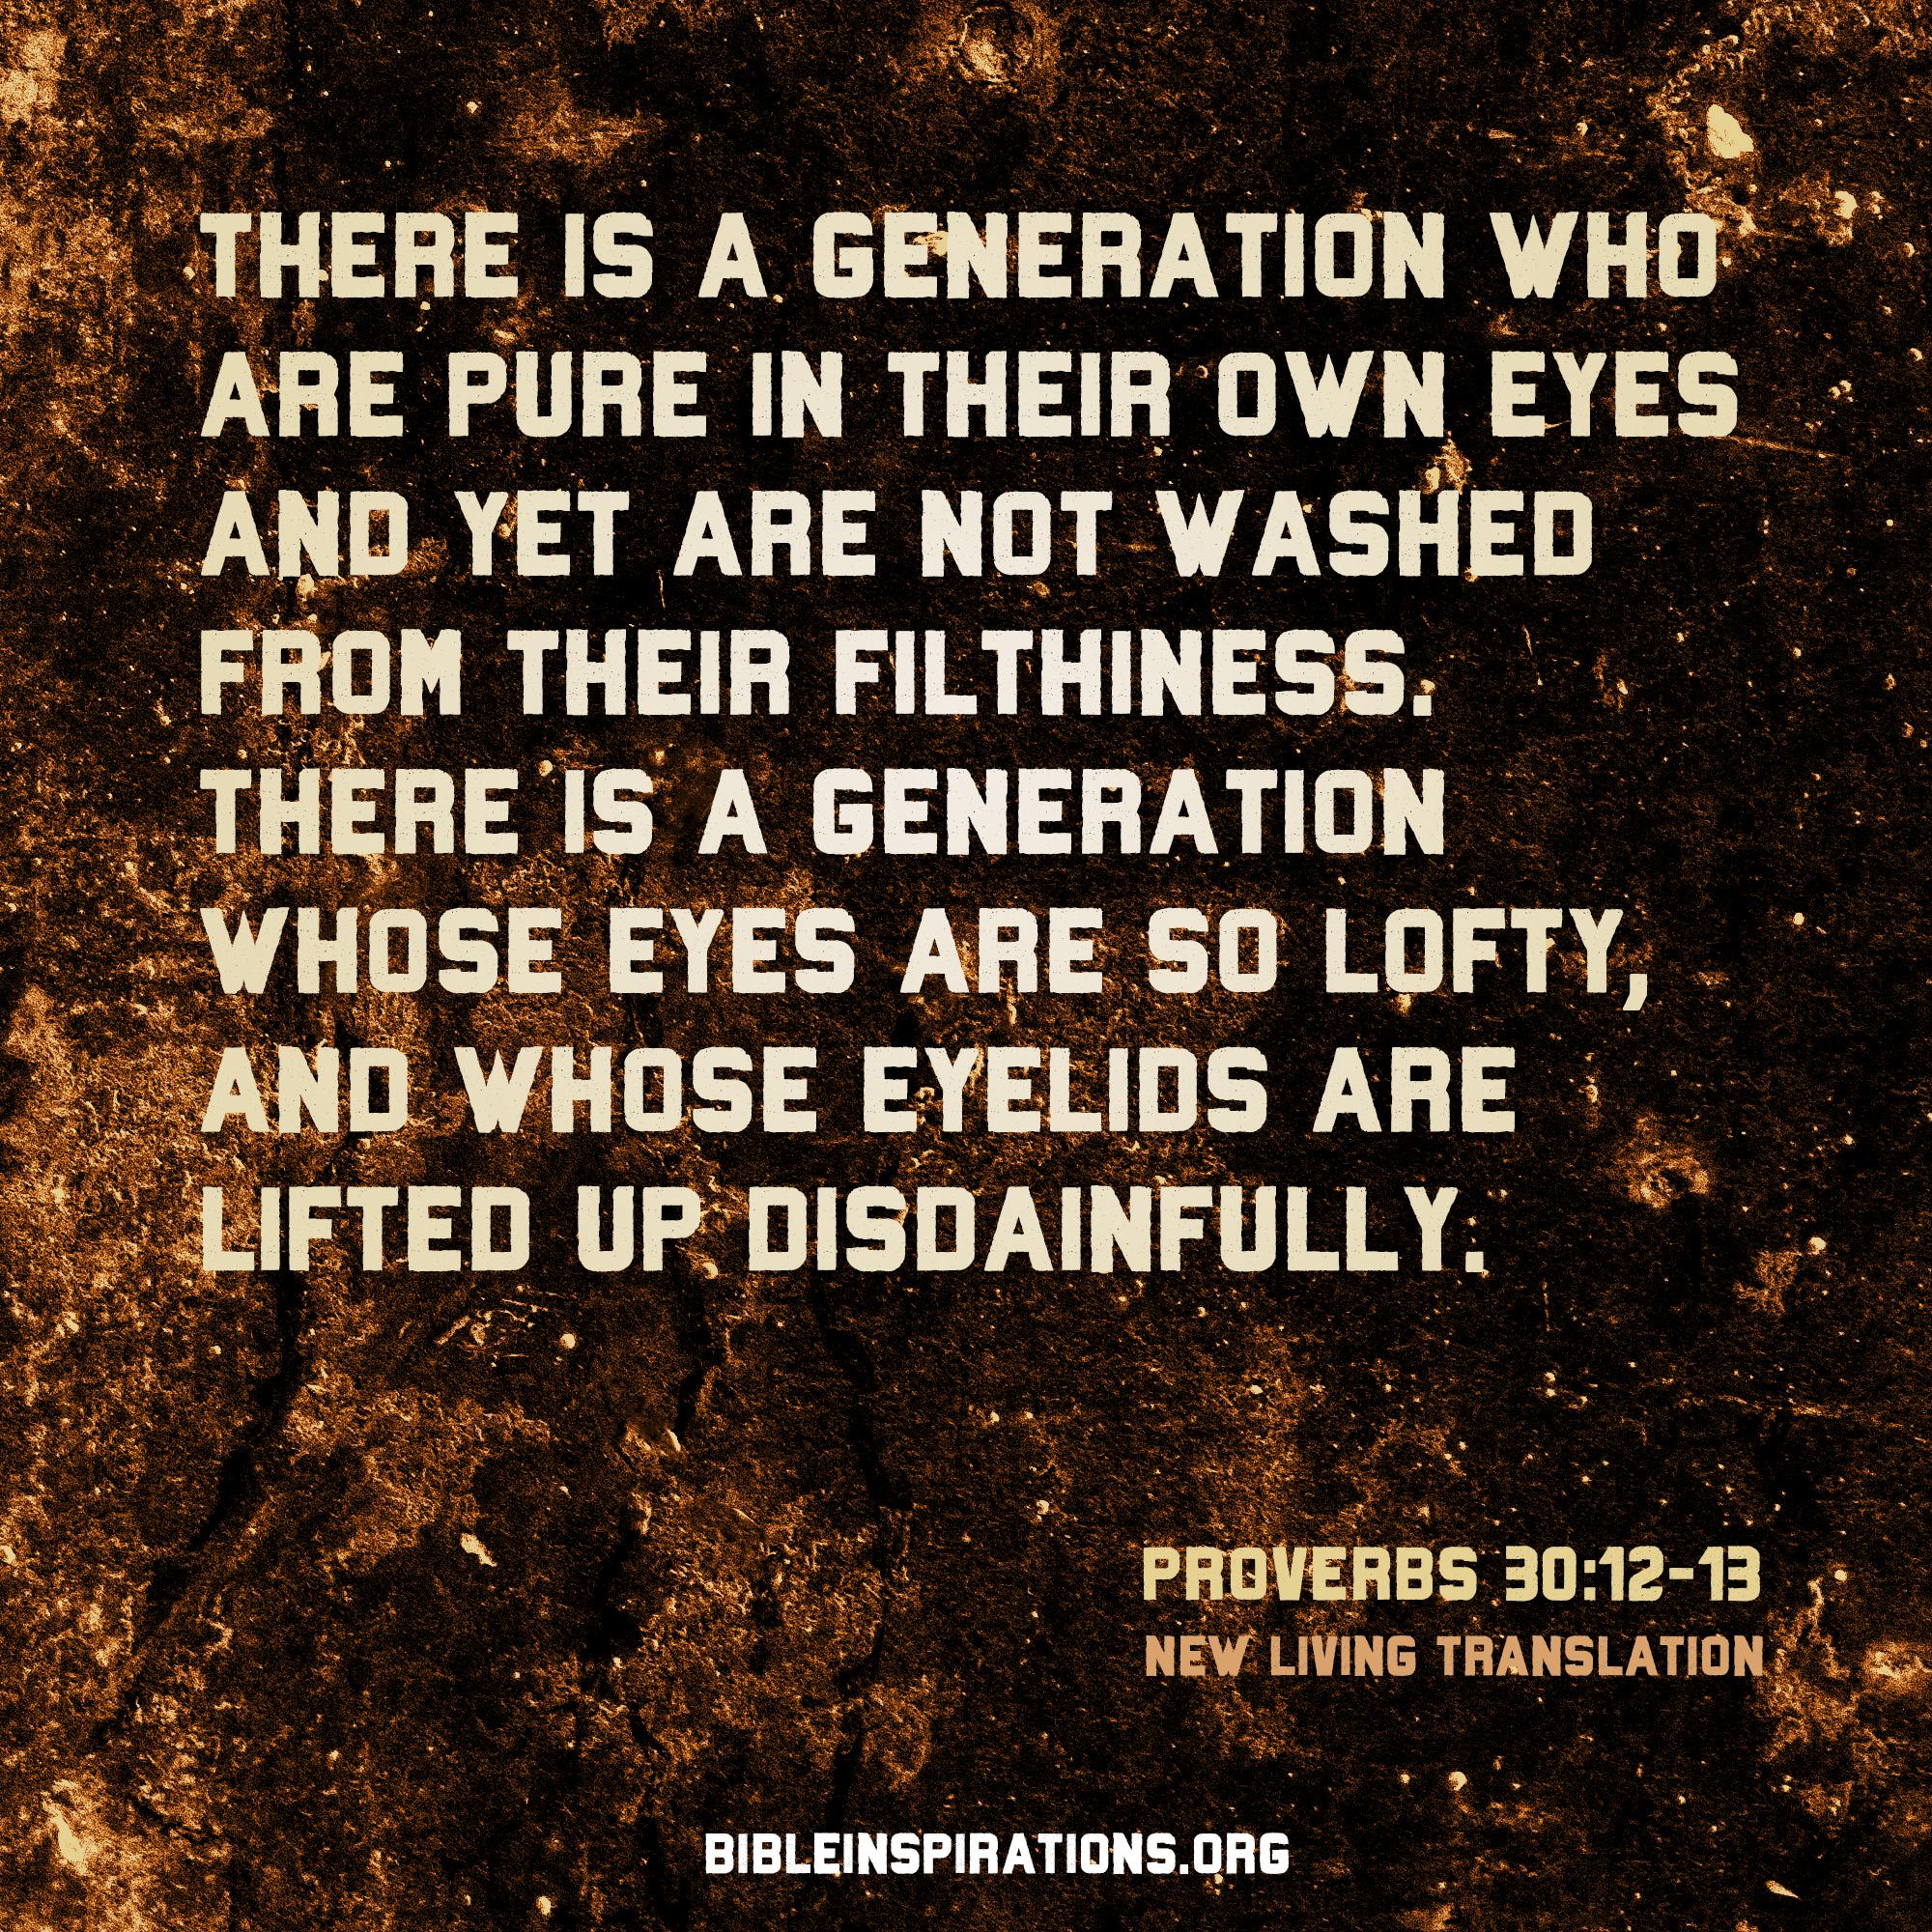 proverbs-30-12-13